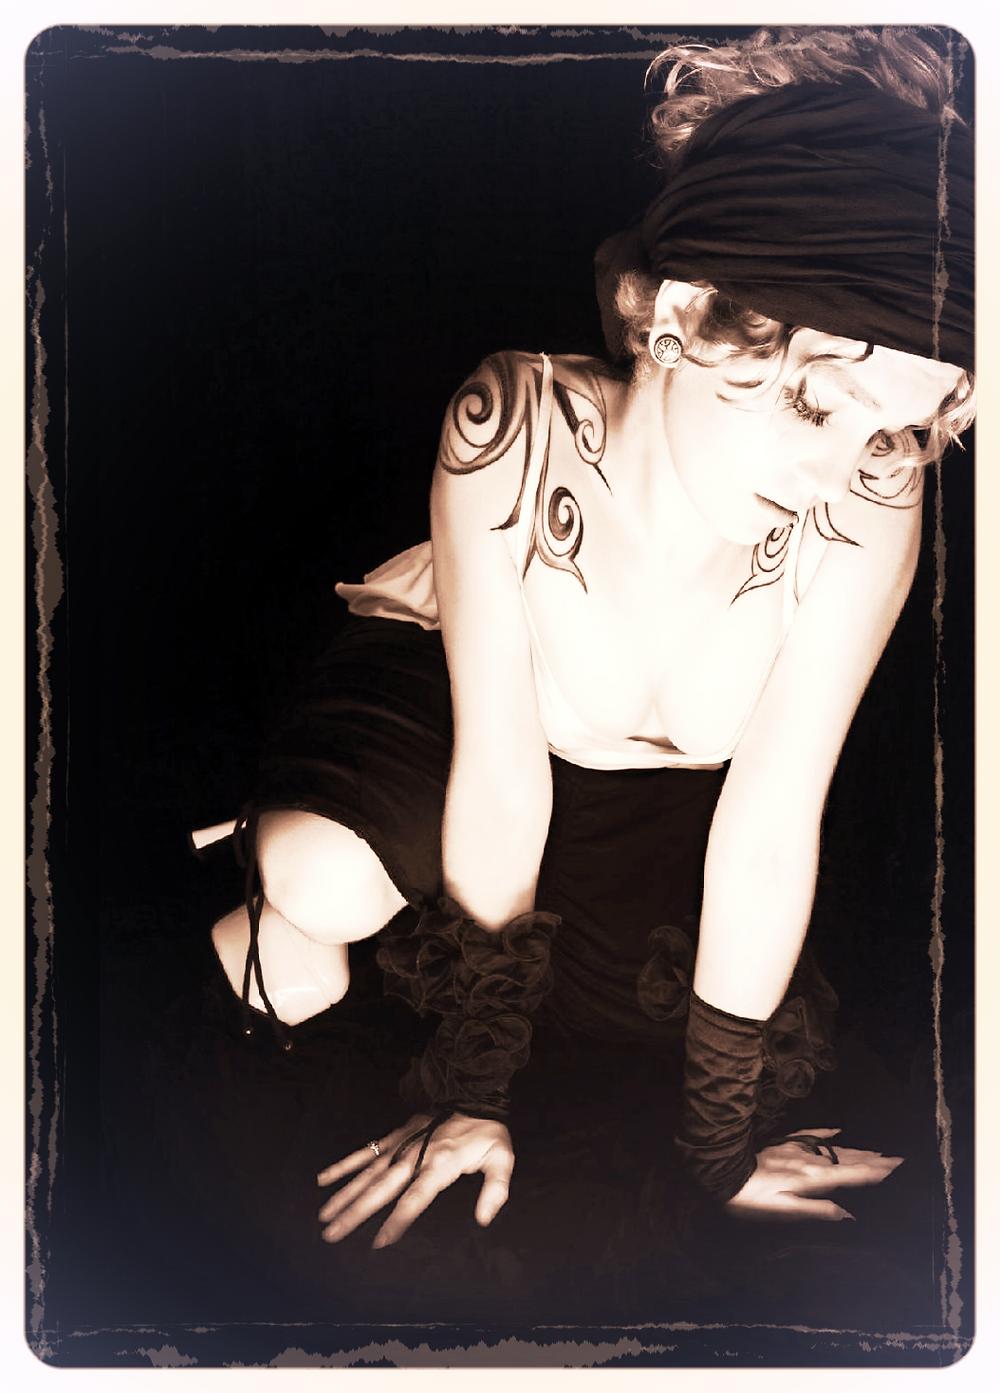 Sad Goth Girl 2014-11-7-17:13:6_edited